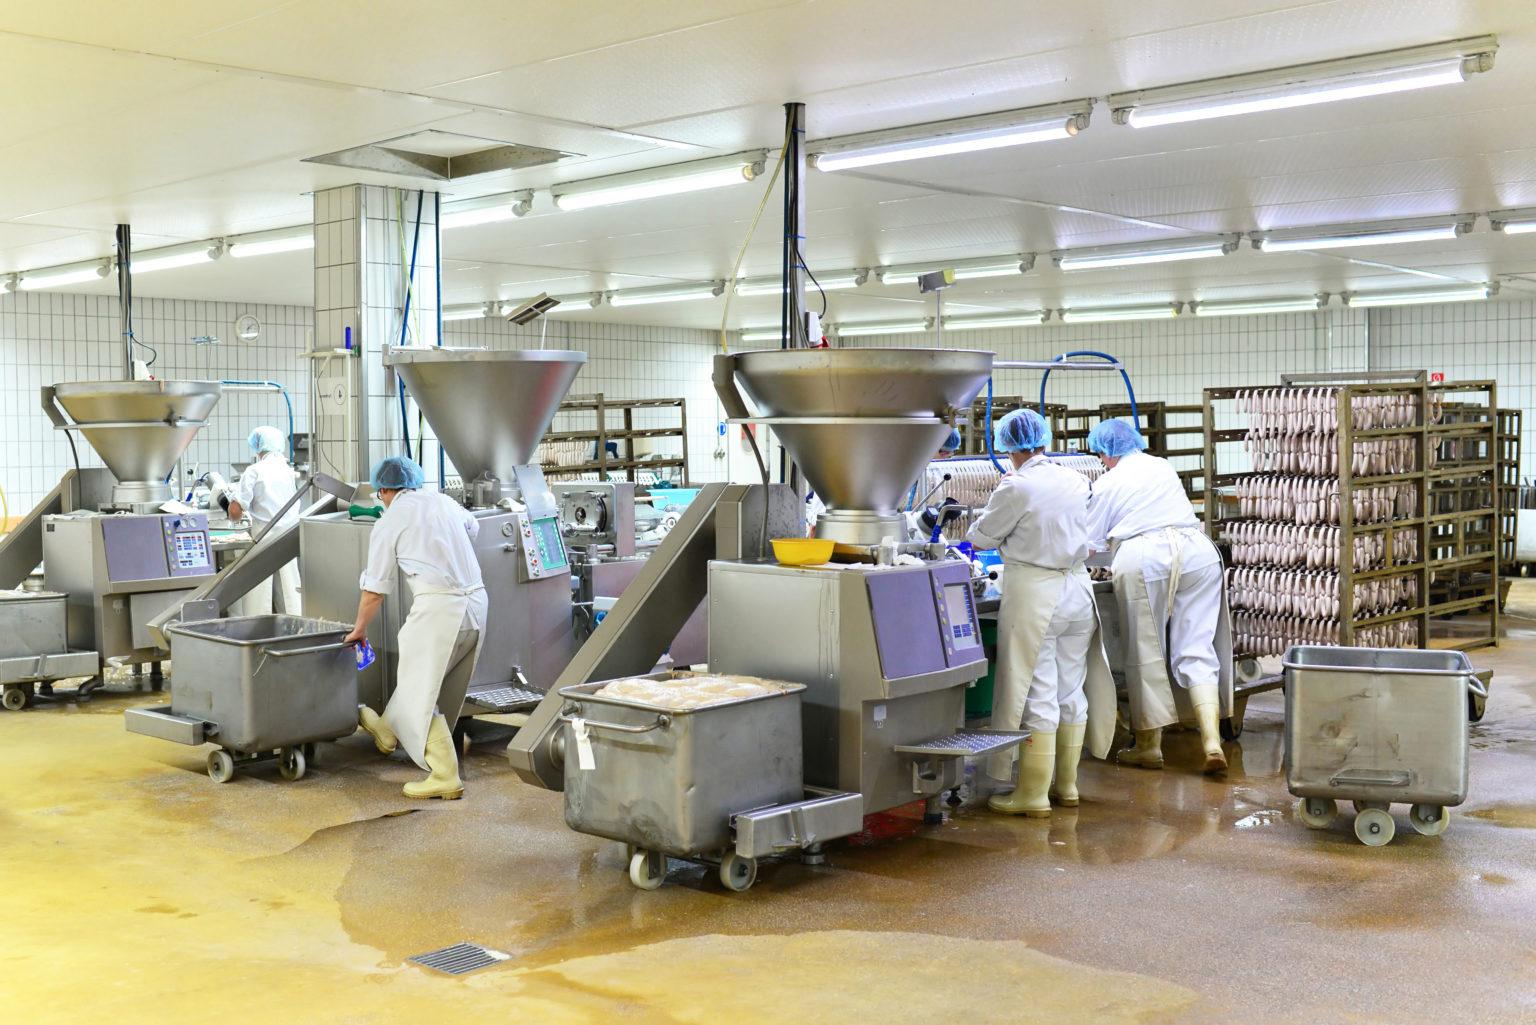 Arbeiter in einer Fleischerei bei der Herstellung von Würsten // Workers in a butcher's shop producing sausages